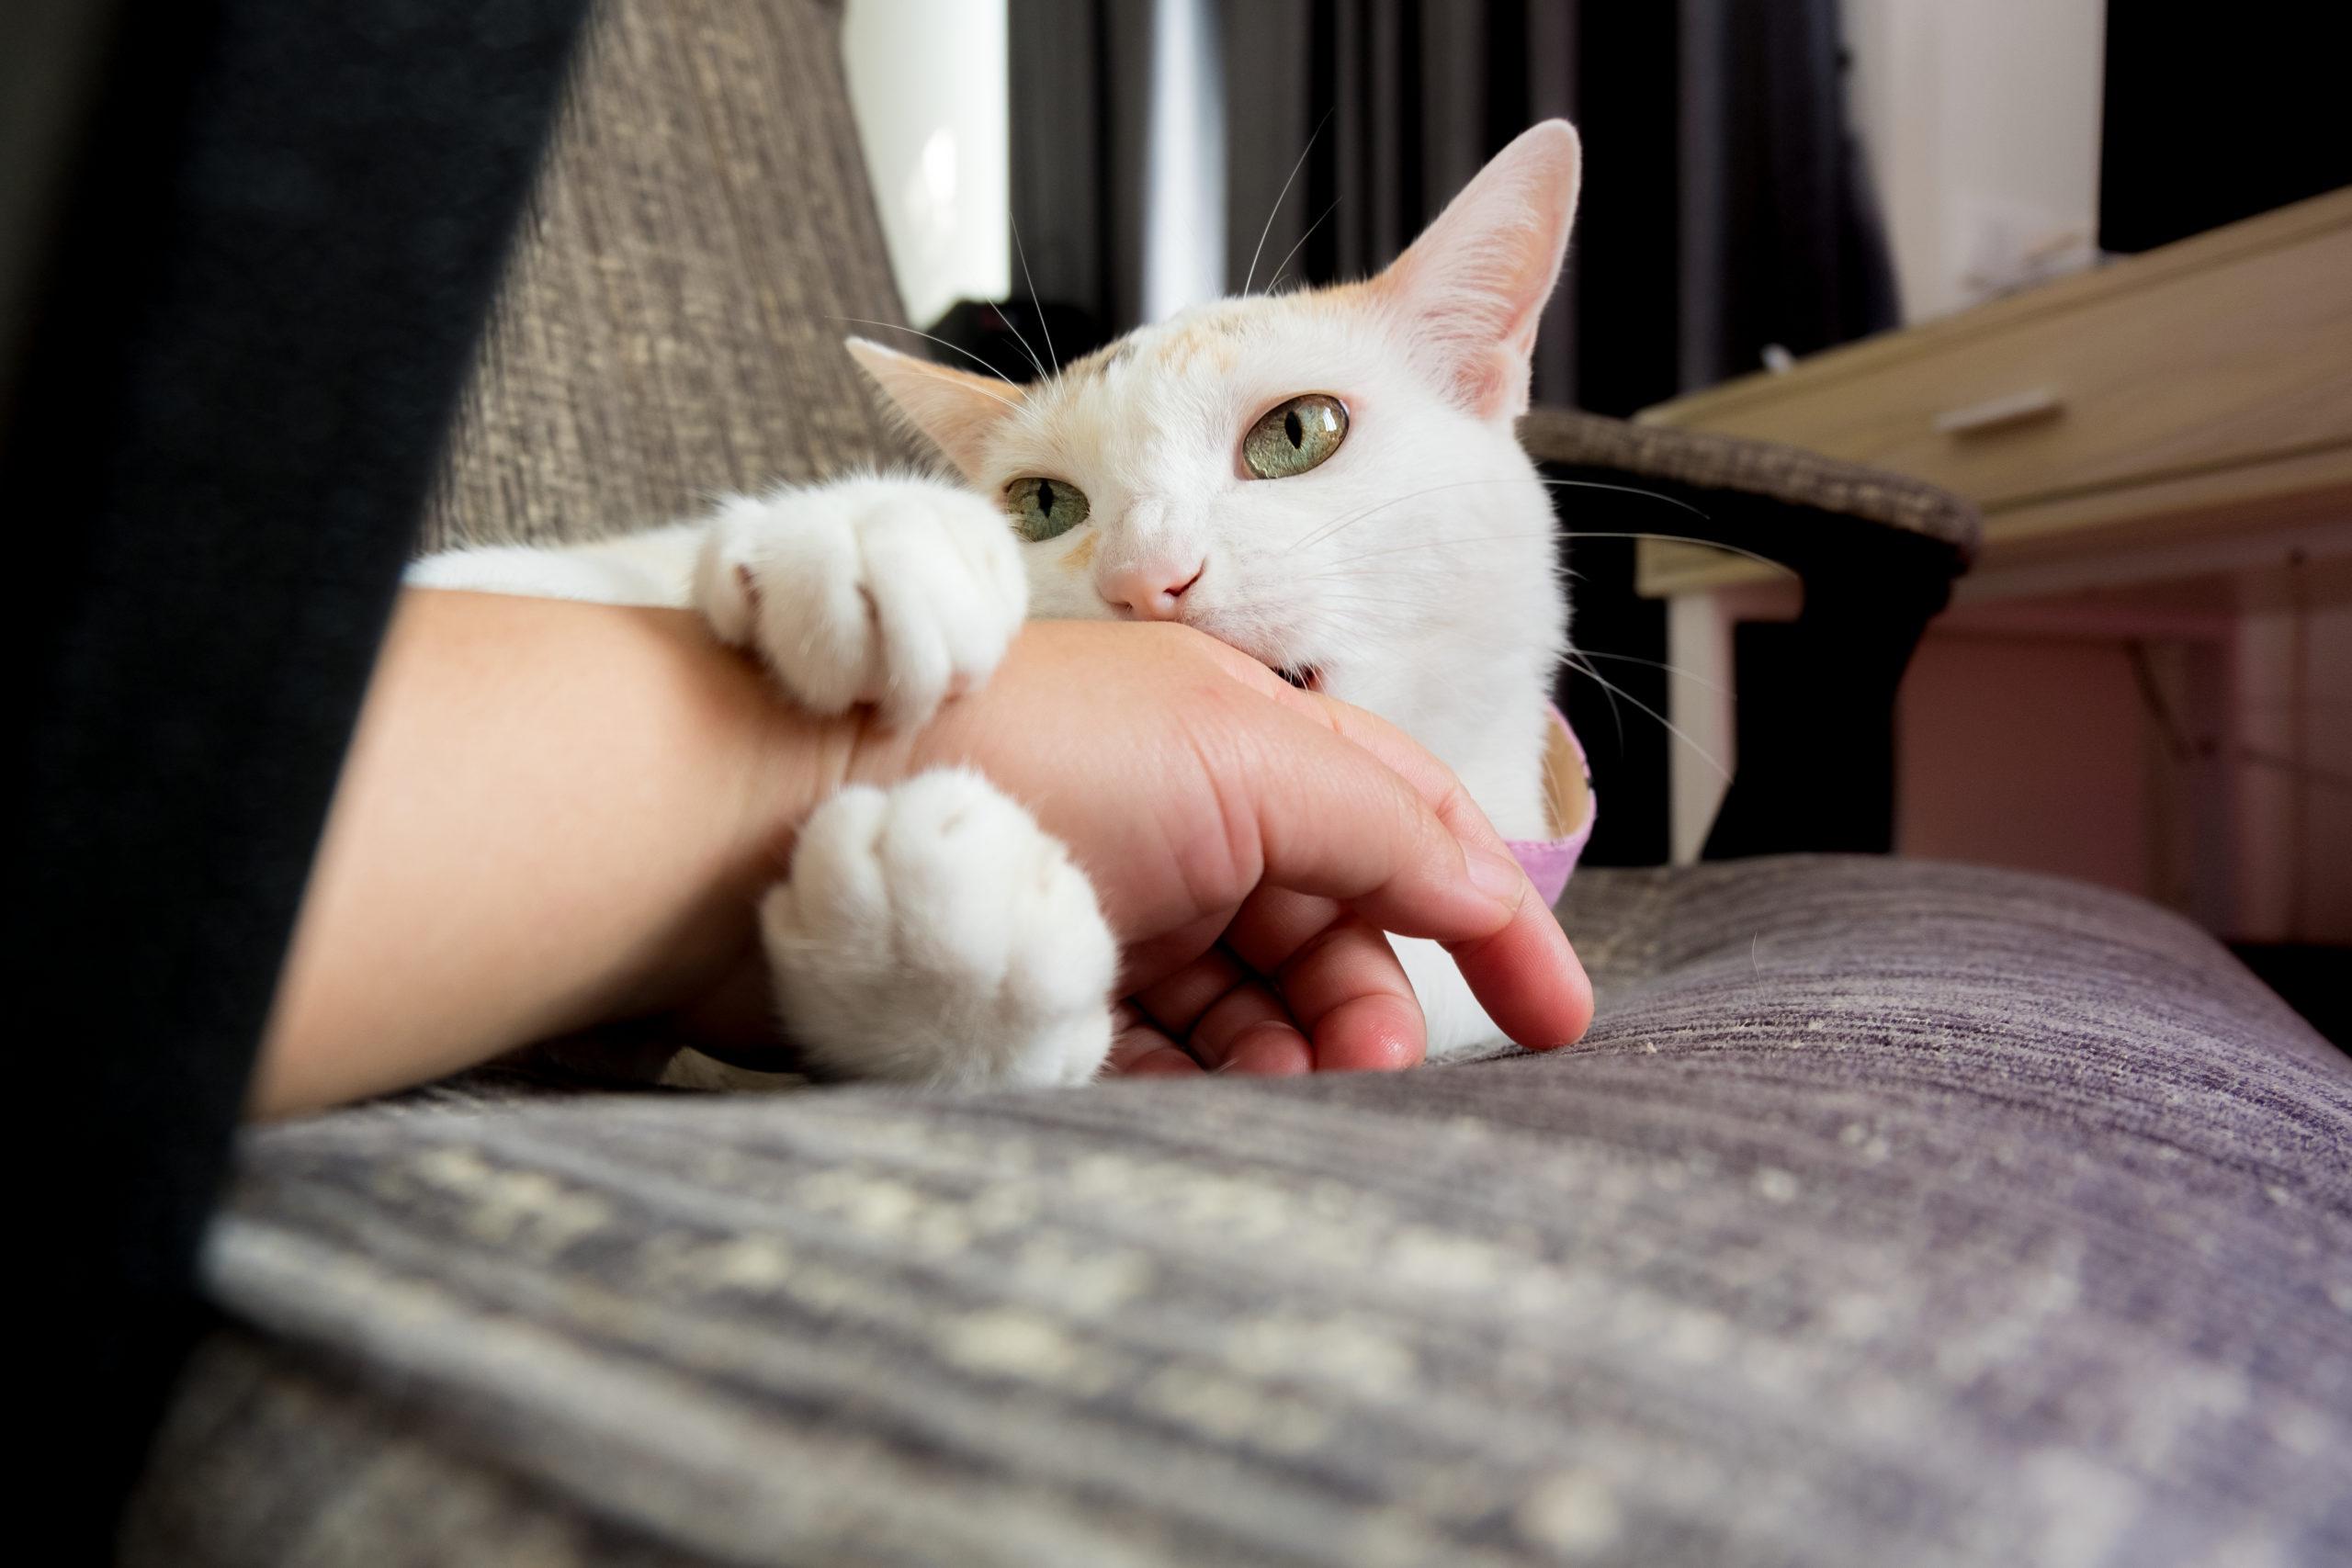 ネコを撫ですぎると急に噛みついてくるのは何故?ネコにもマナーが必要:まとめ